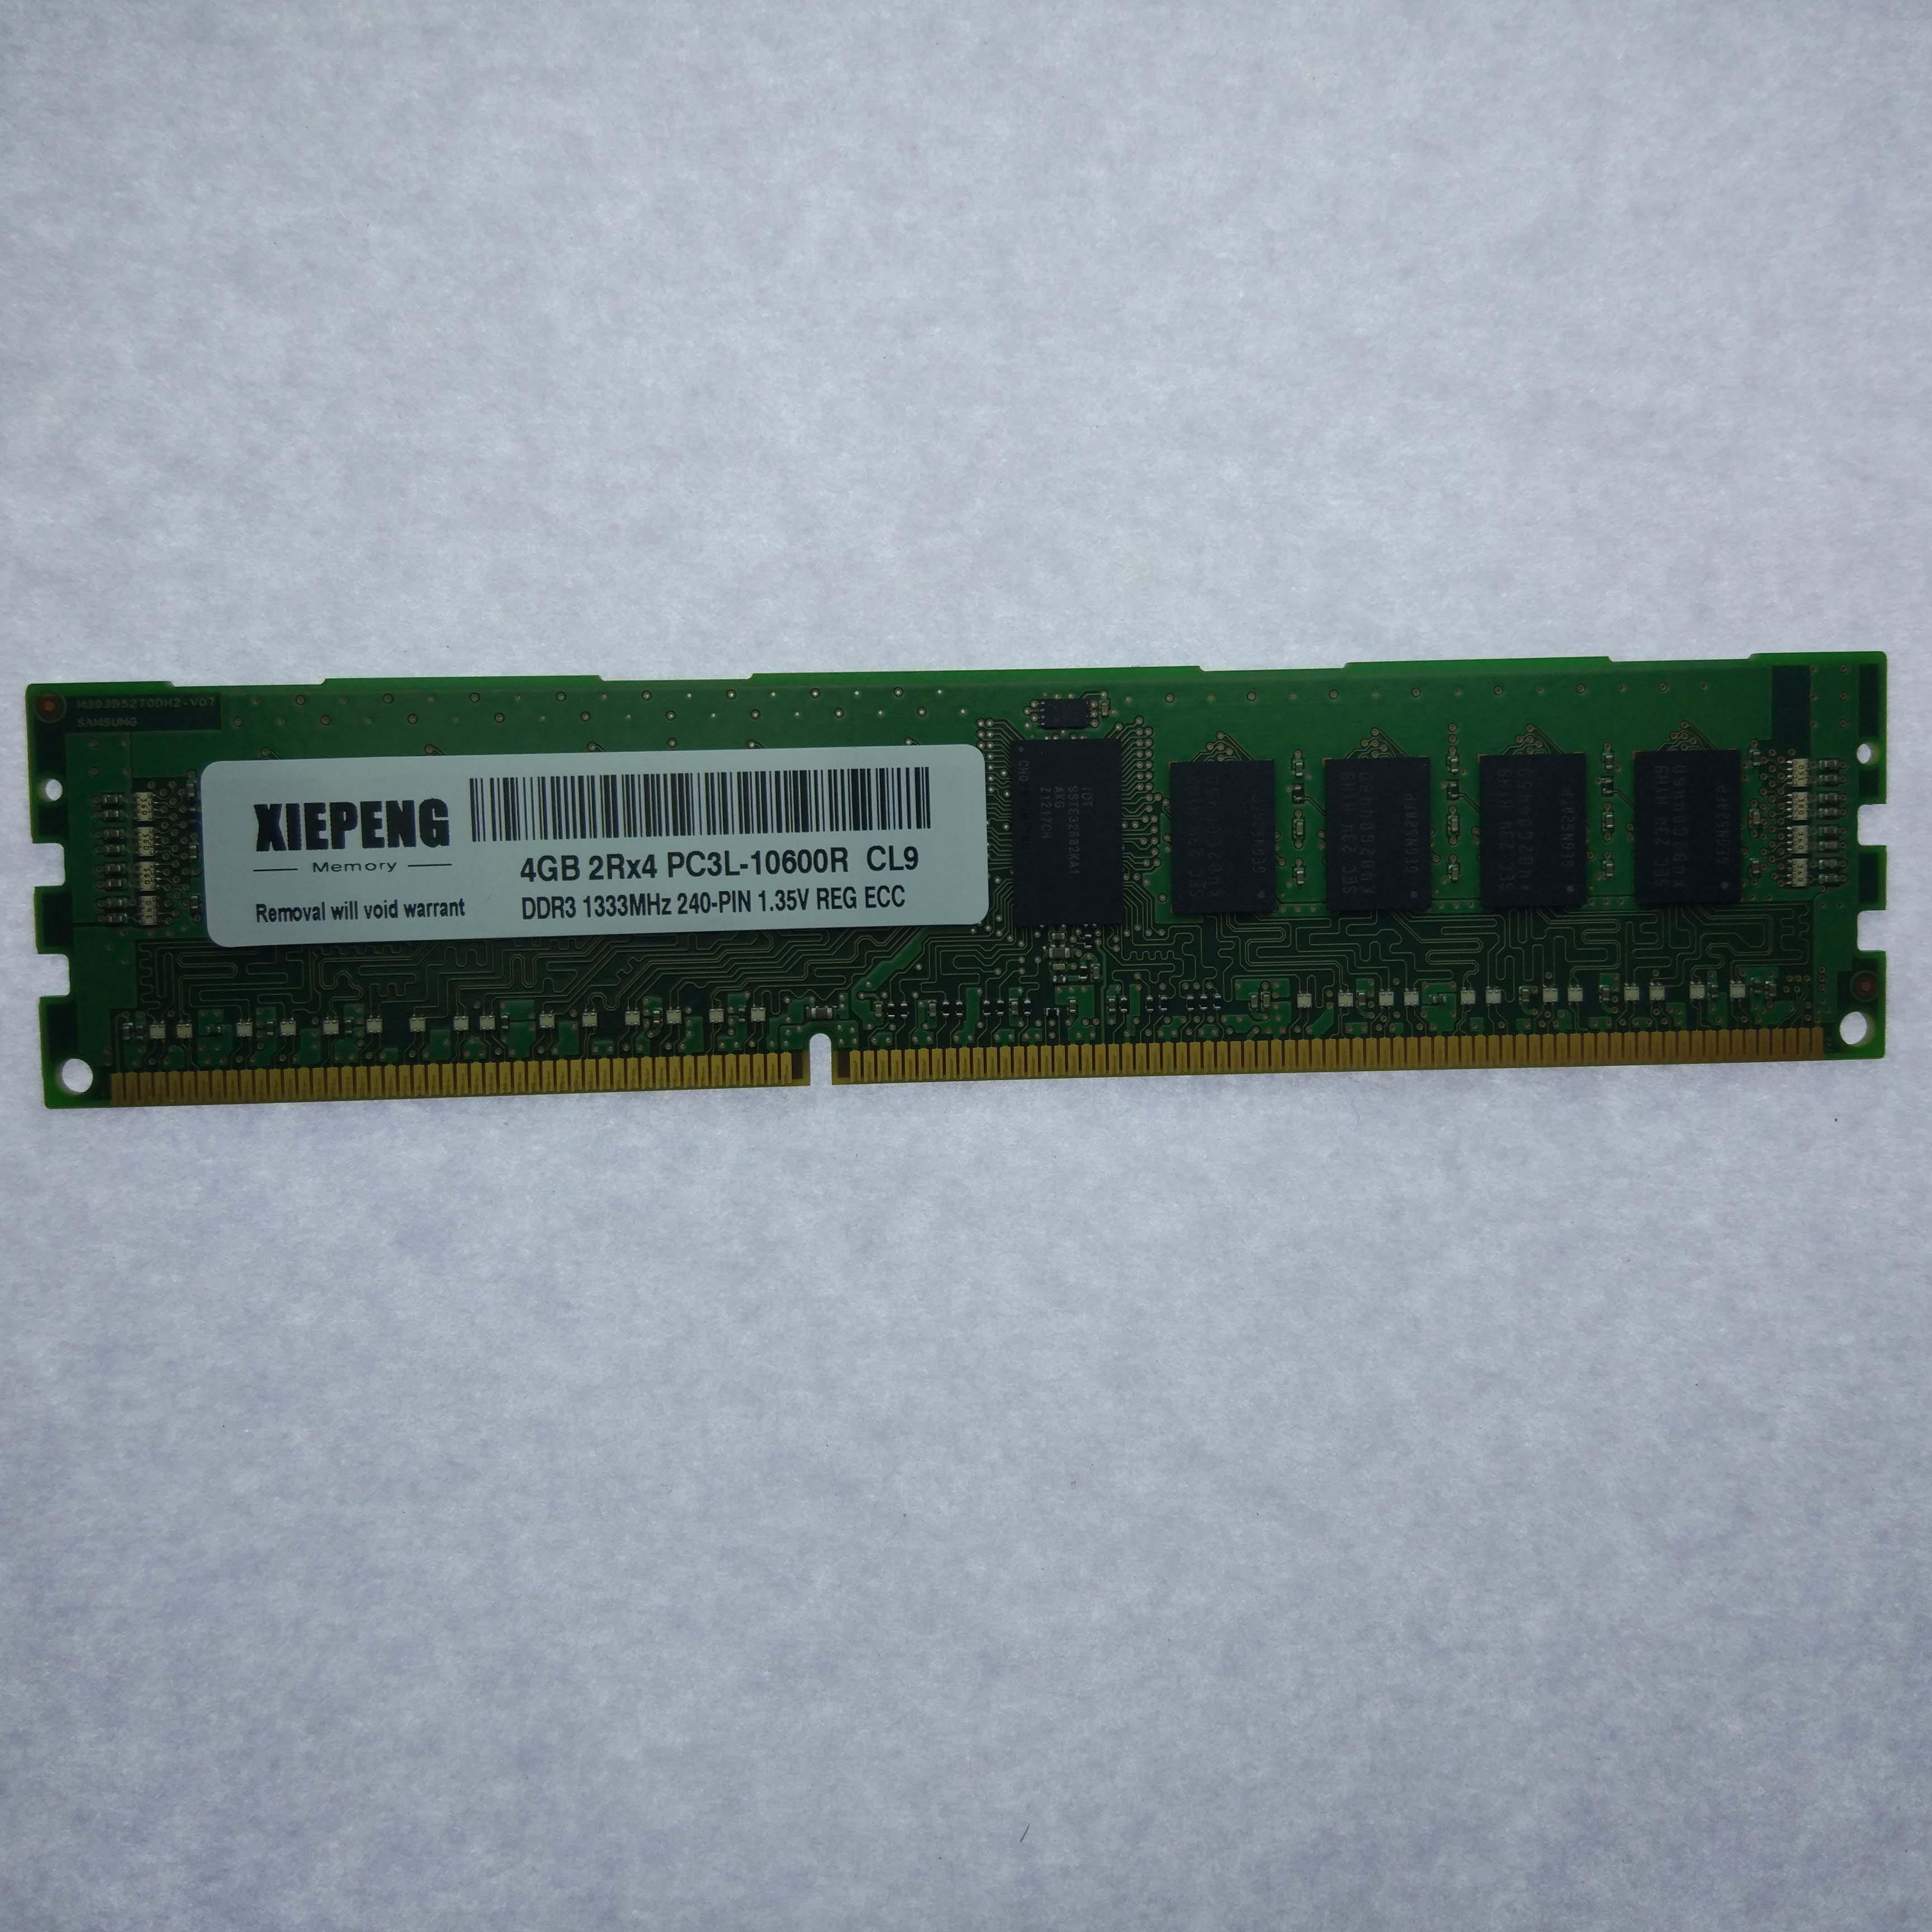 Samsung 8GB DDR3 2RX4 PC3L-10600R 1333MHz 240-Pin ECC REG Registered Server Ram